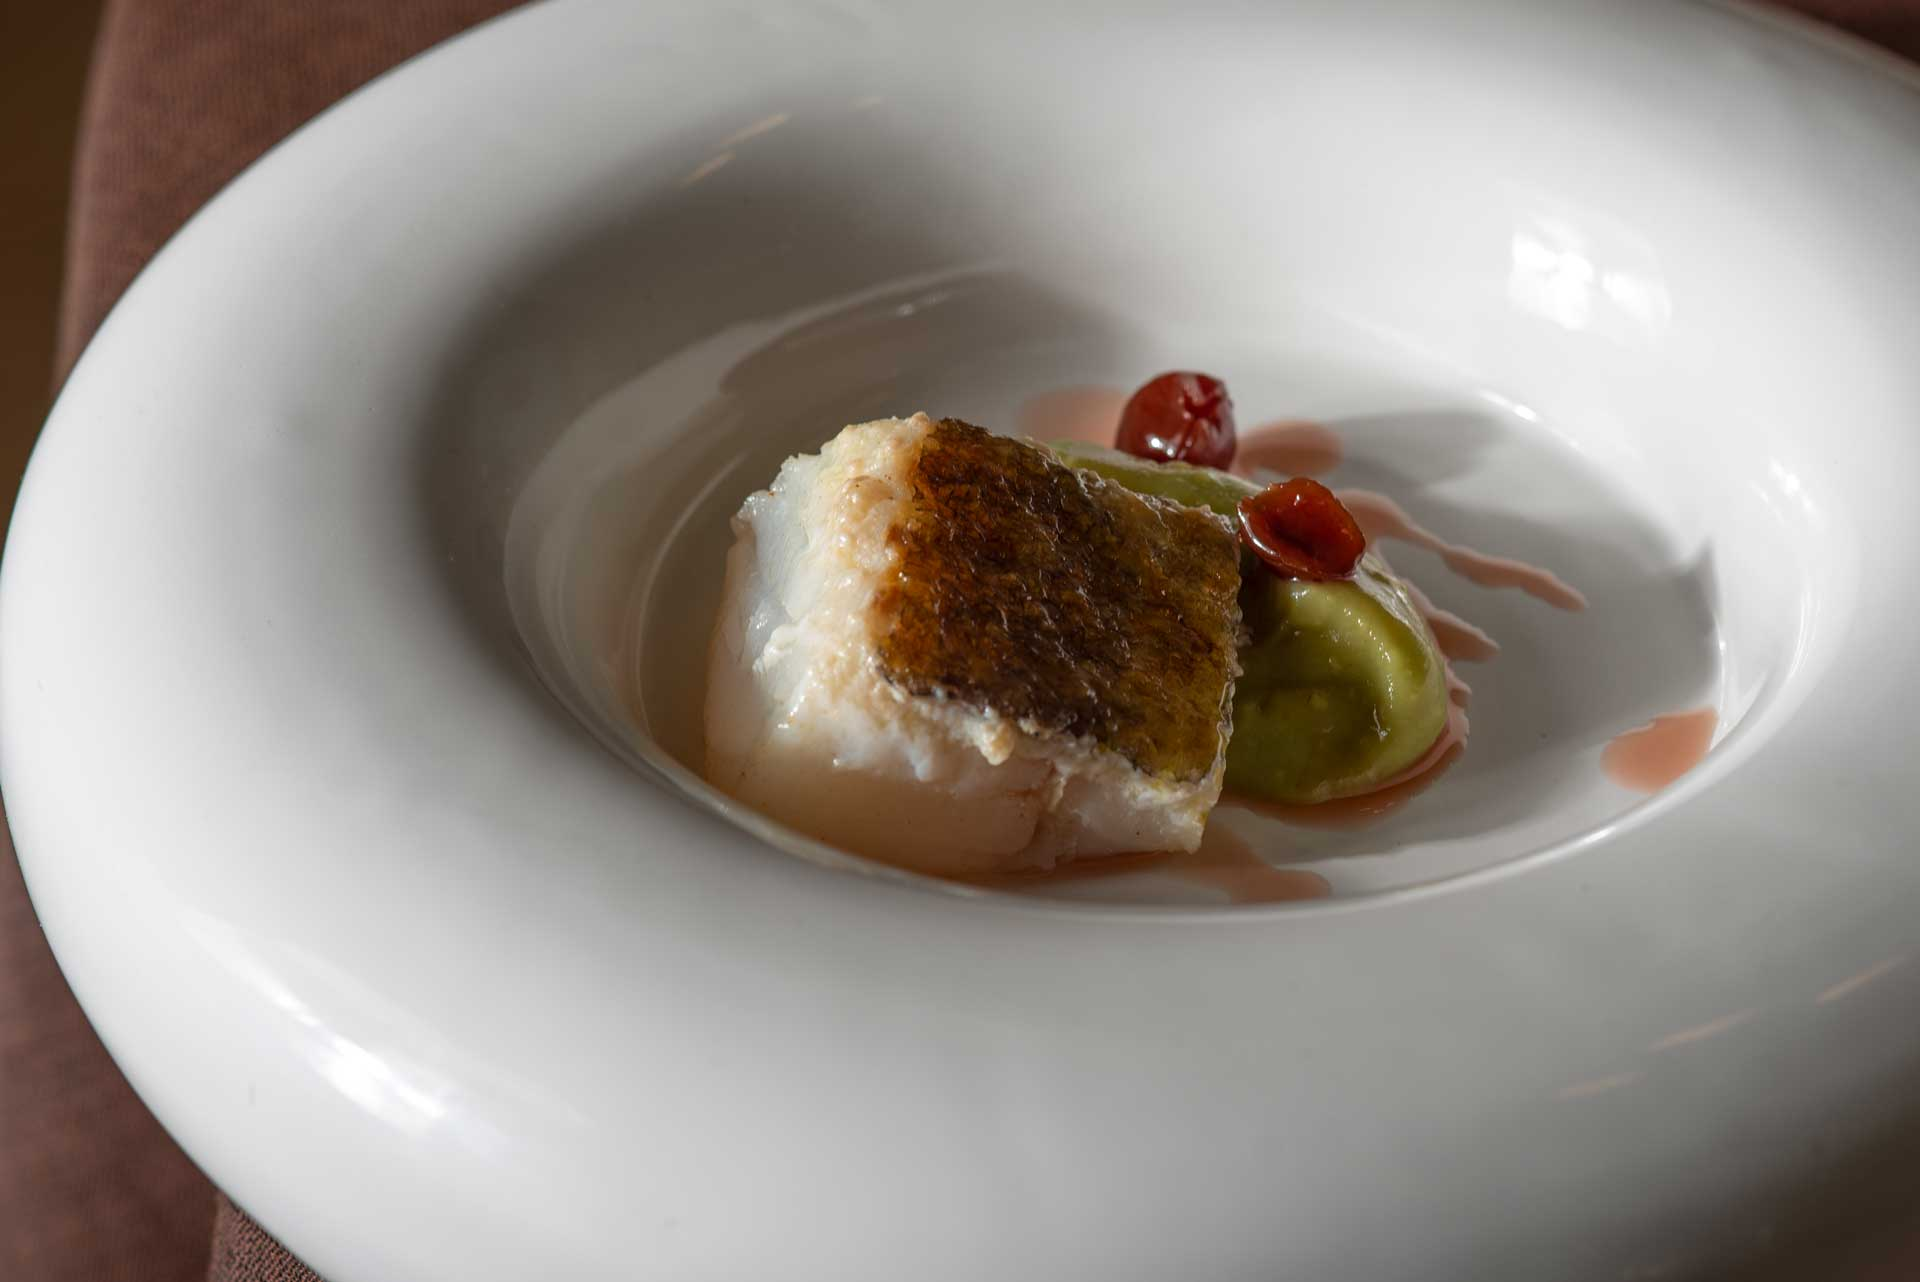 officina-visiva-ale-e-pepe-food-chef-paolo-trippini-ambasciatore-del-gusto-2-web